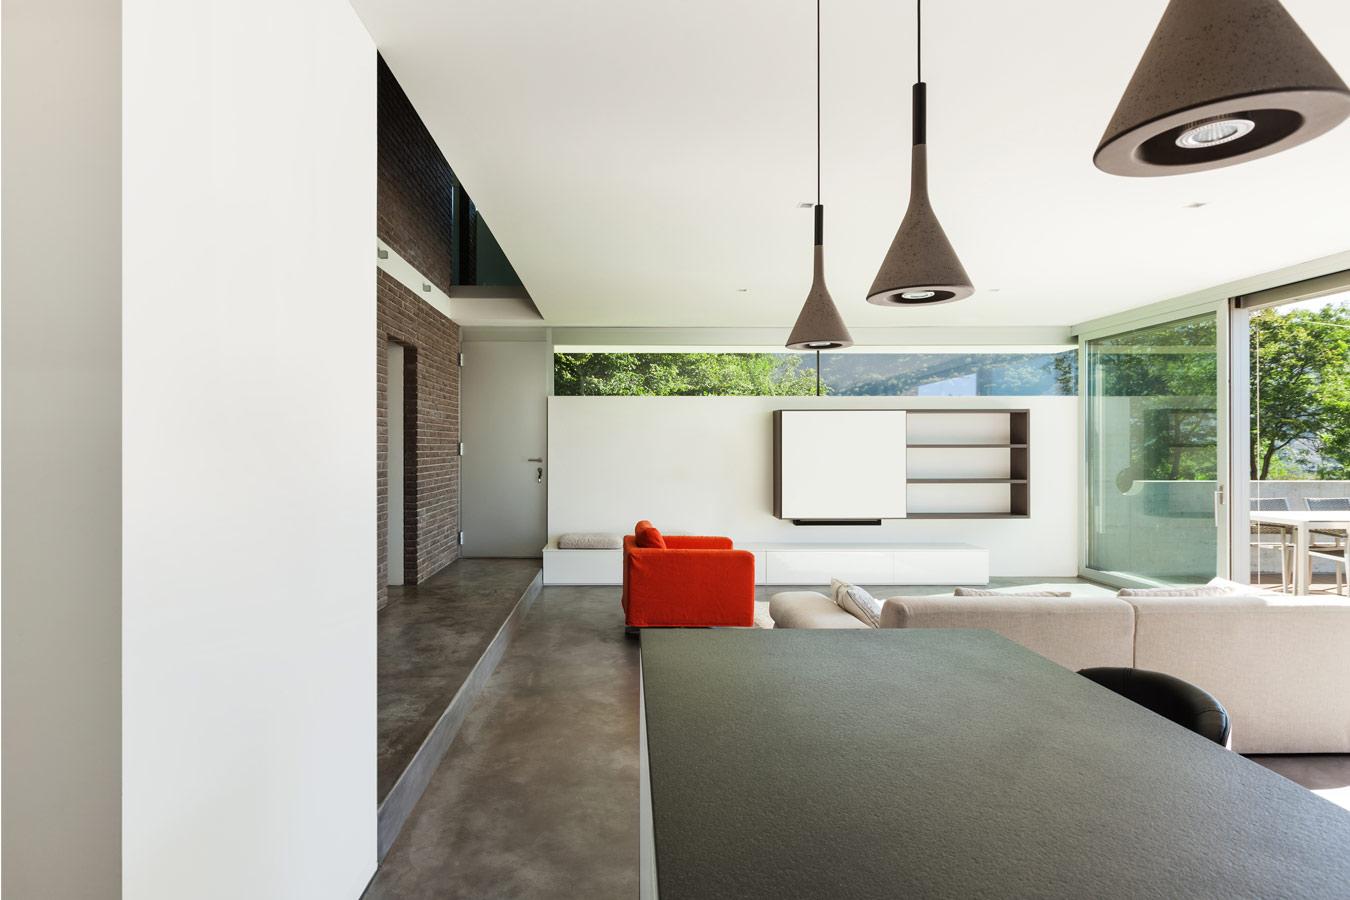 Ideeën voor een moderne woonkamer inspiratie